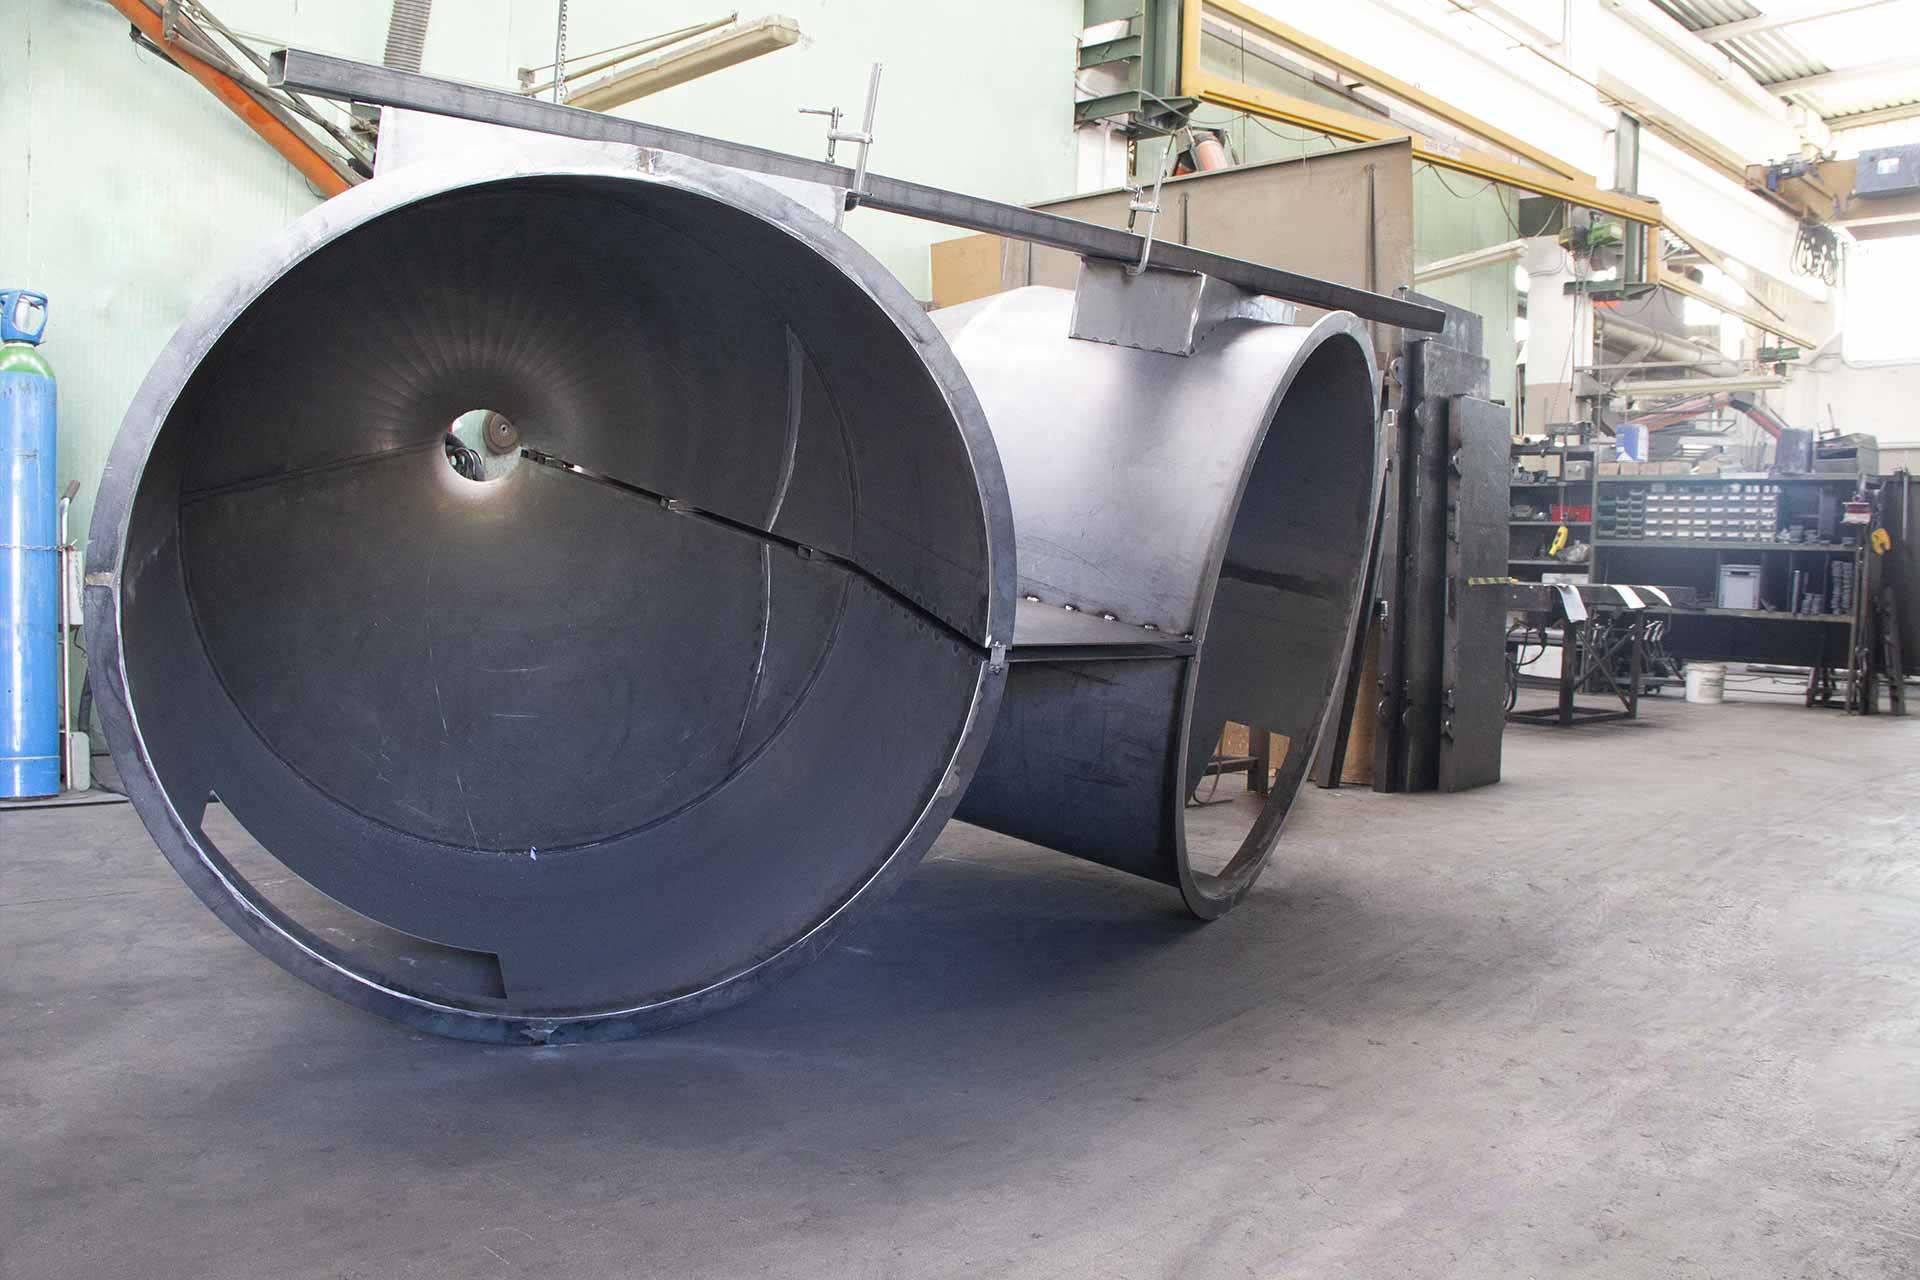 llp-montebello-vicentino-vicenza-coni-industria-produttrice-cavi-elettrici-5